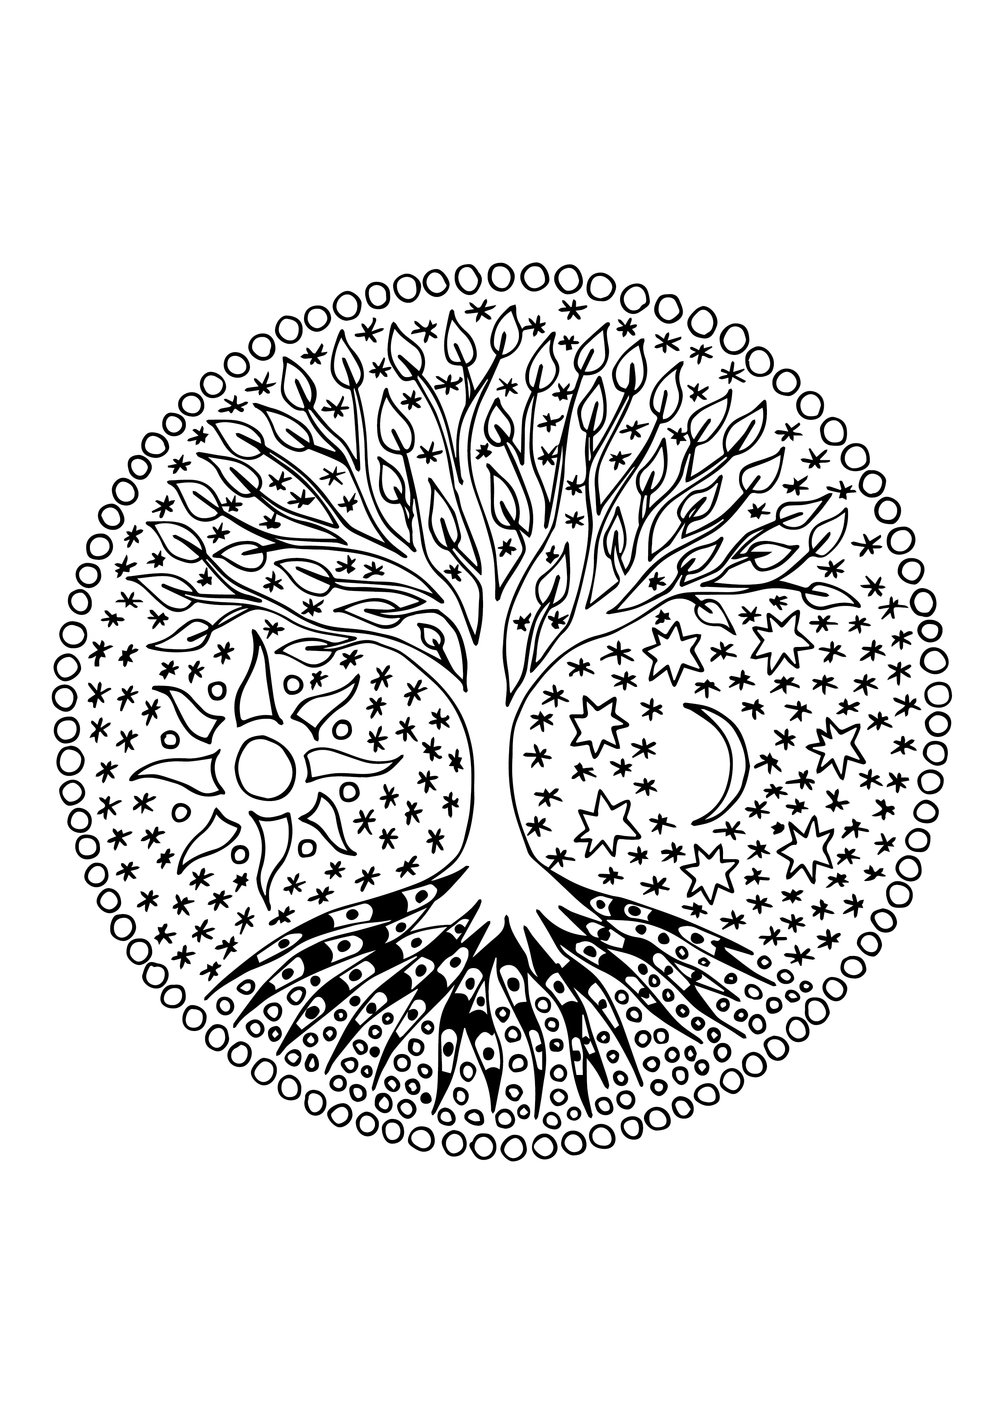 Mandala_Tree-02.jpg